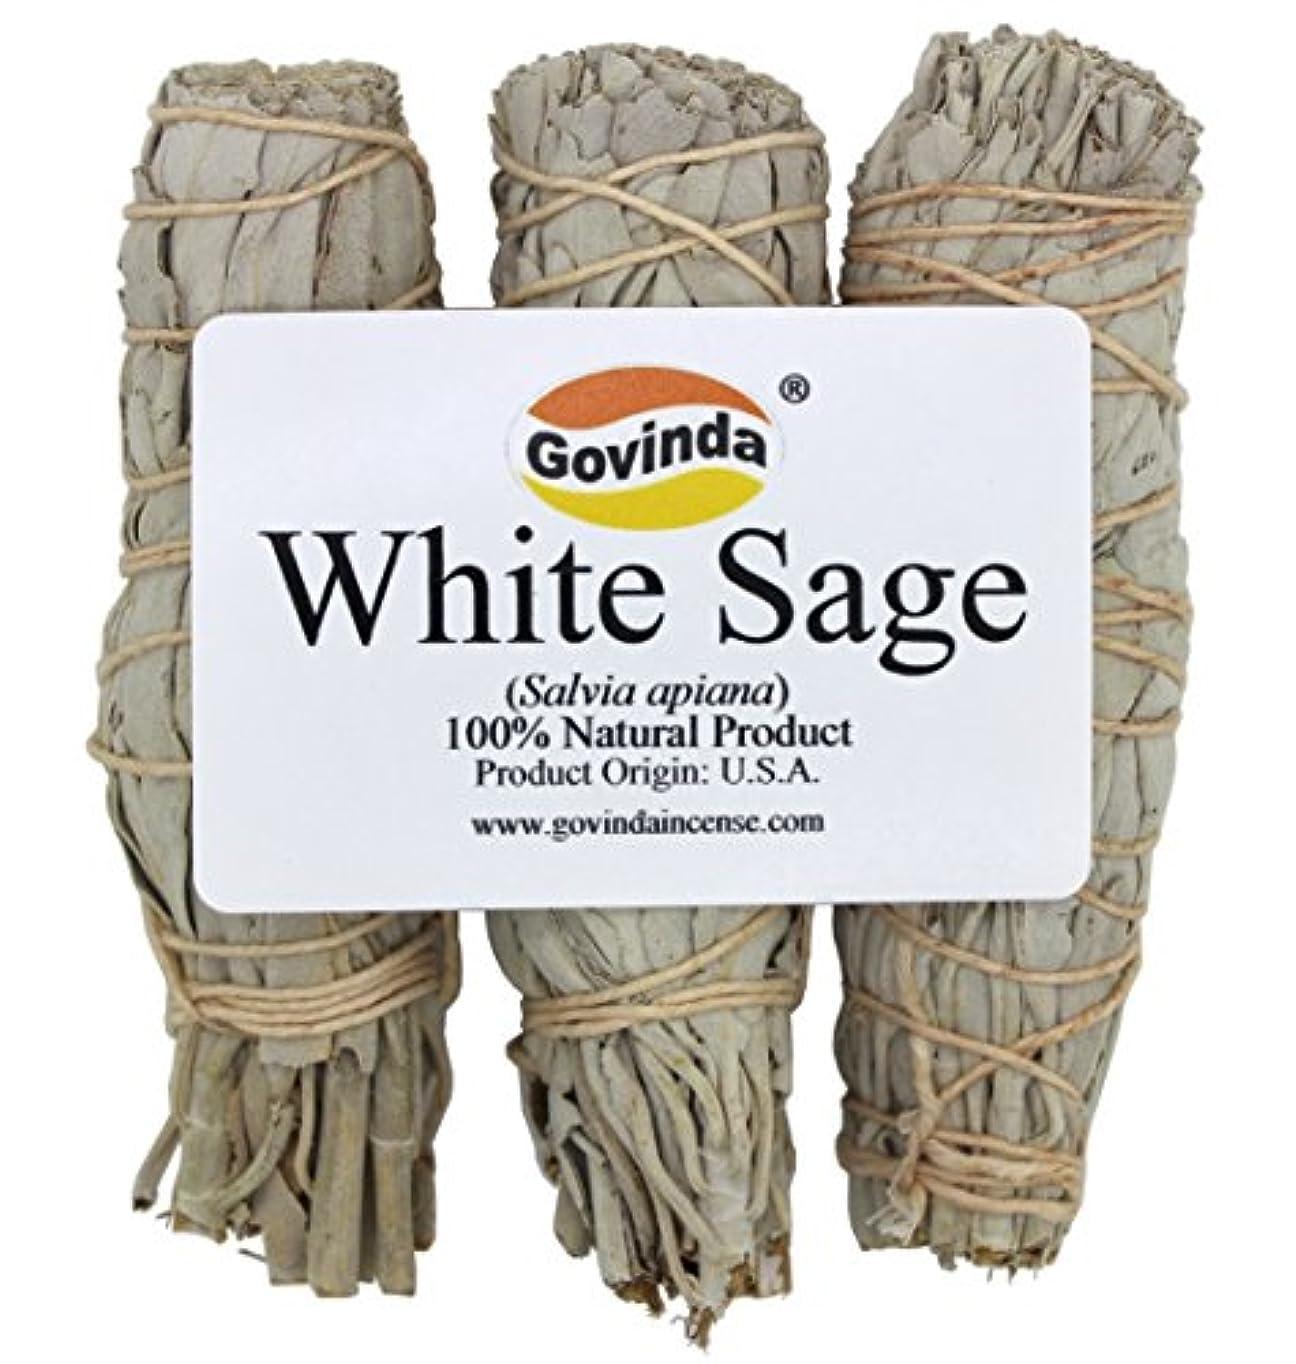 市の中心部欲しいです静的Govinda - Pack of 3 Mini White Sage Smudge Stick, 10cm Long